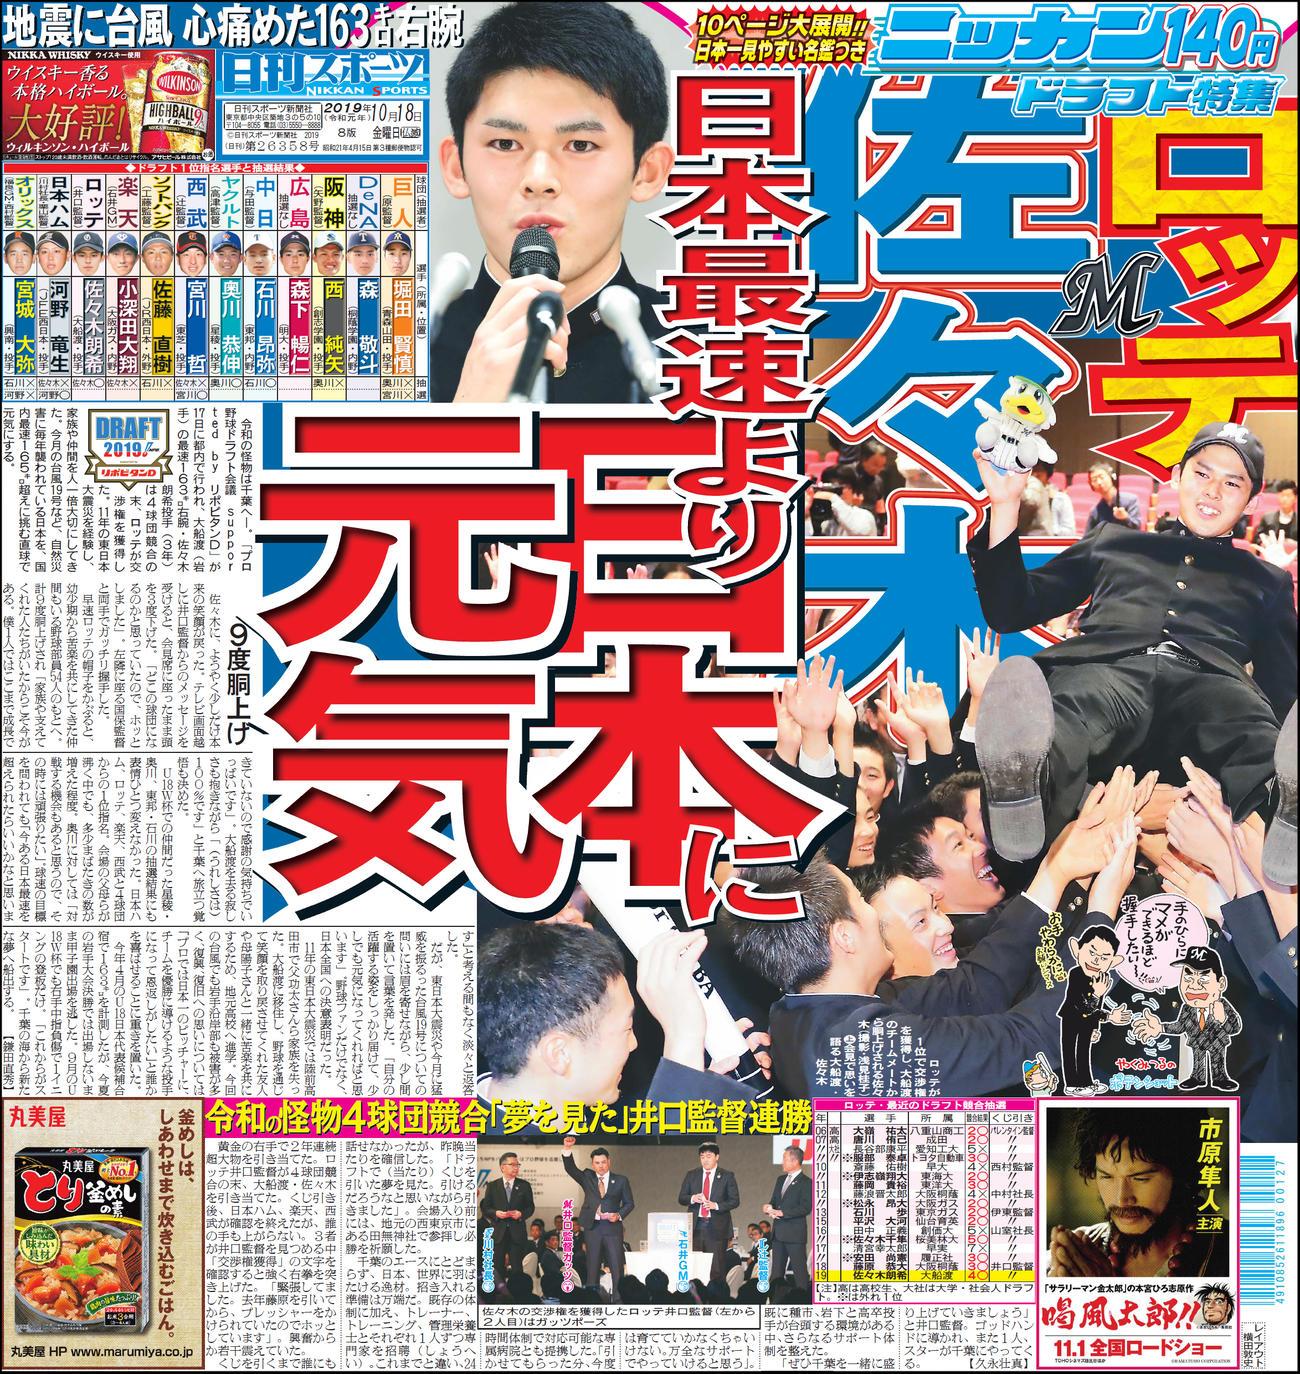 2019年10月18日付日刊スポーツ